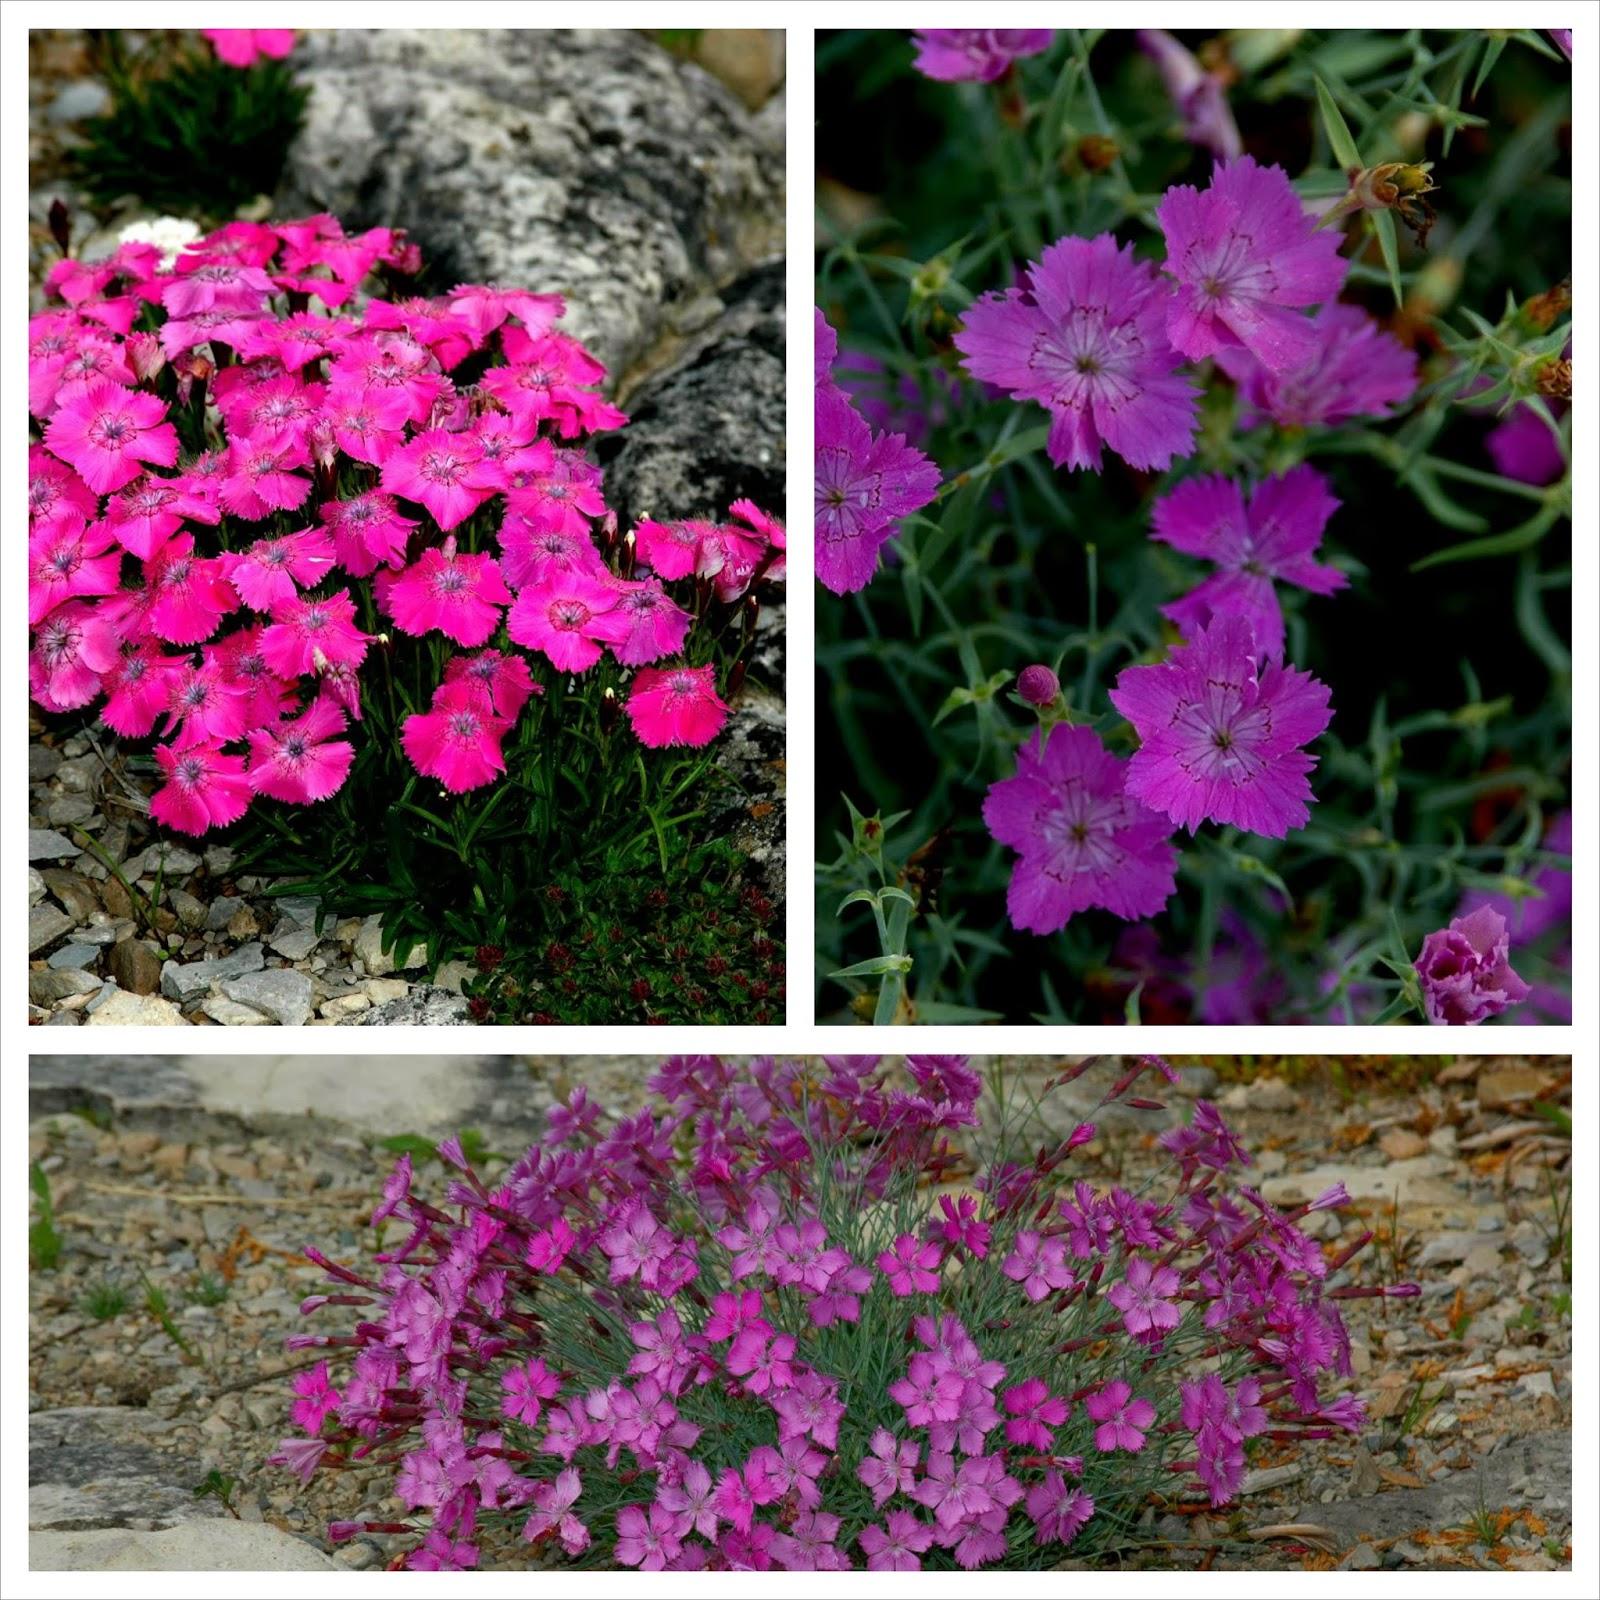 Dianthus alpinus, Dianthus amurensis & unidentified dianthus